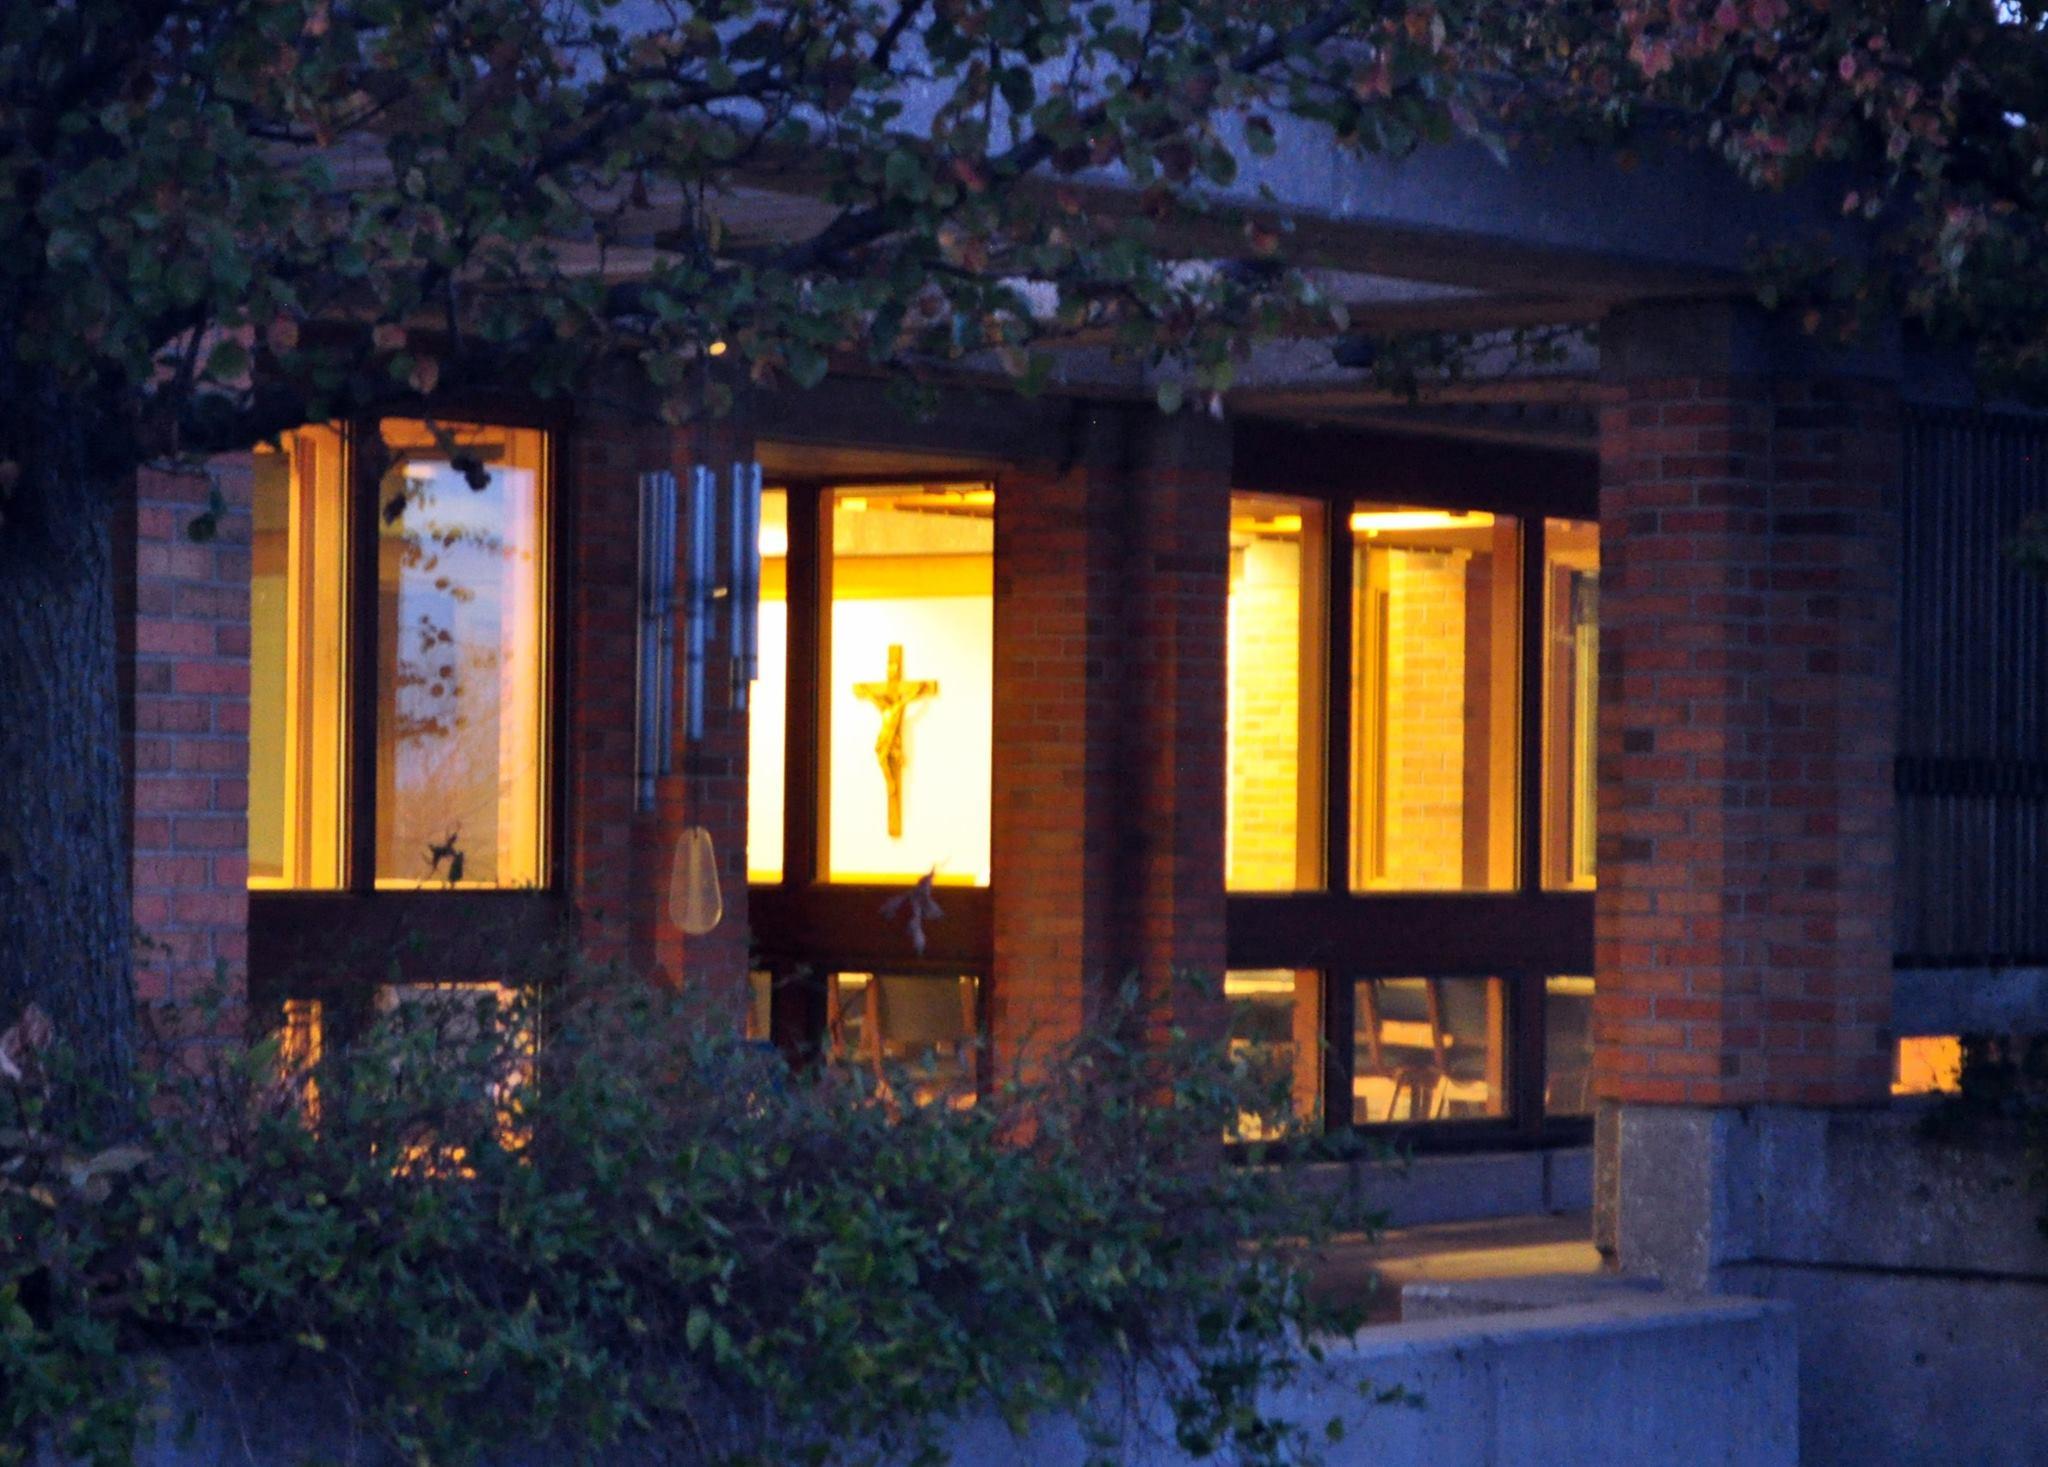 Small Dining Room at night.jpg